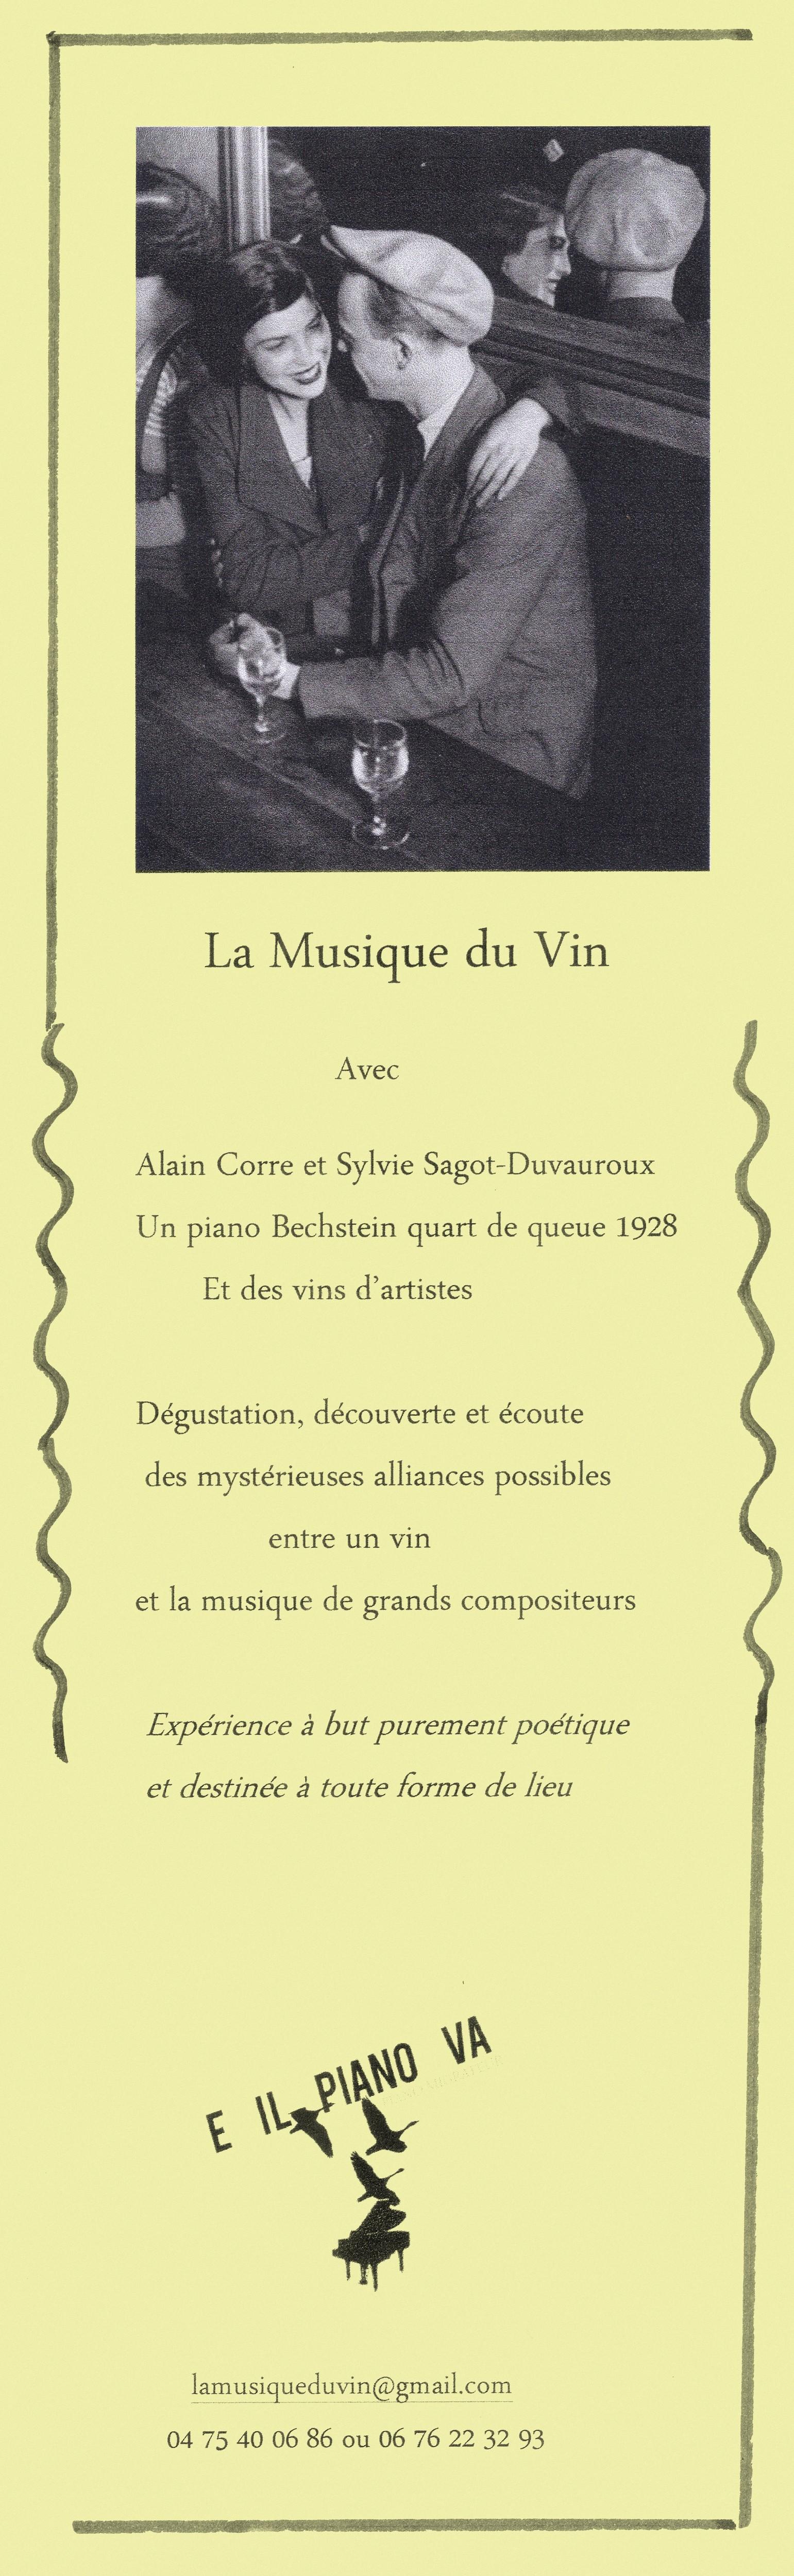 Musique_du_vin